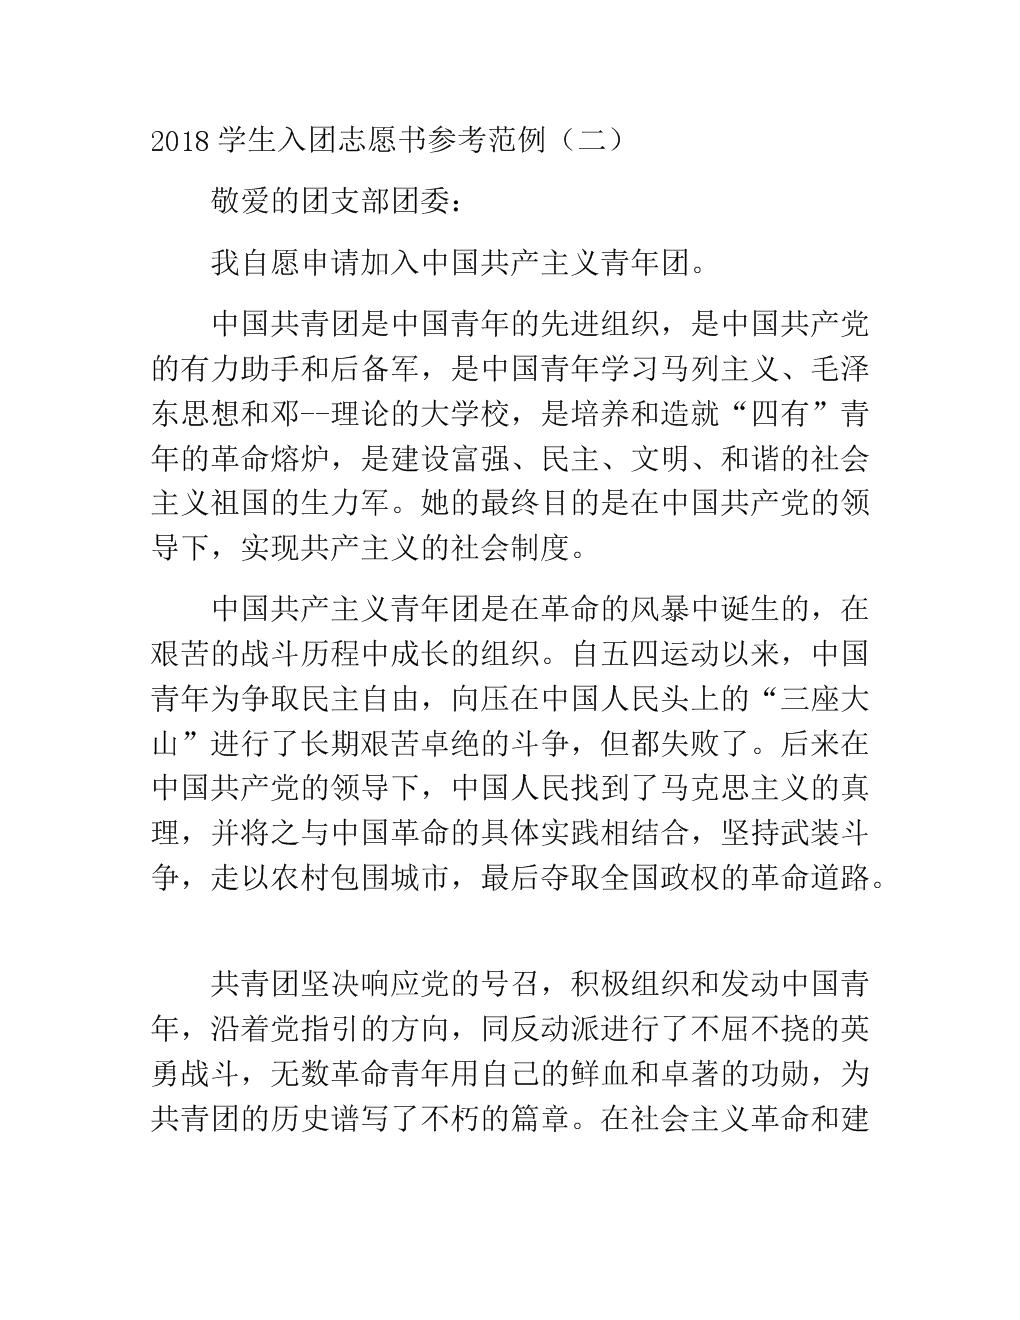 2018學生入團志愿書參考范例(三).docx圖片